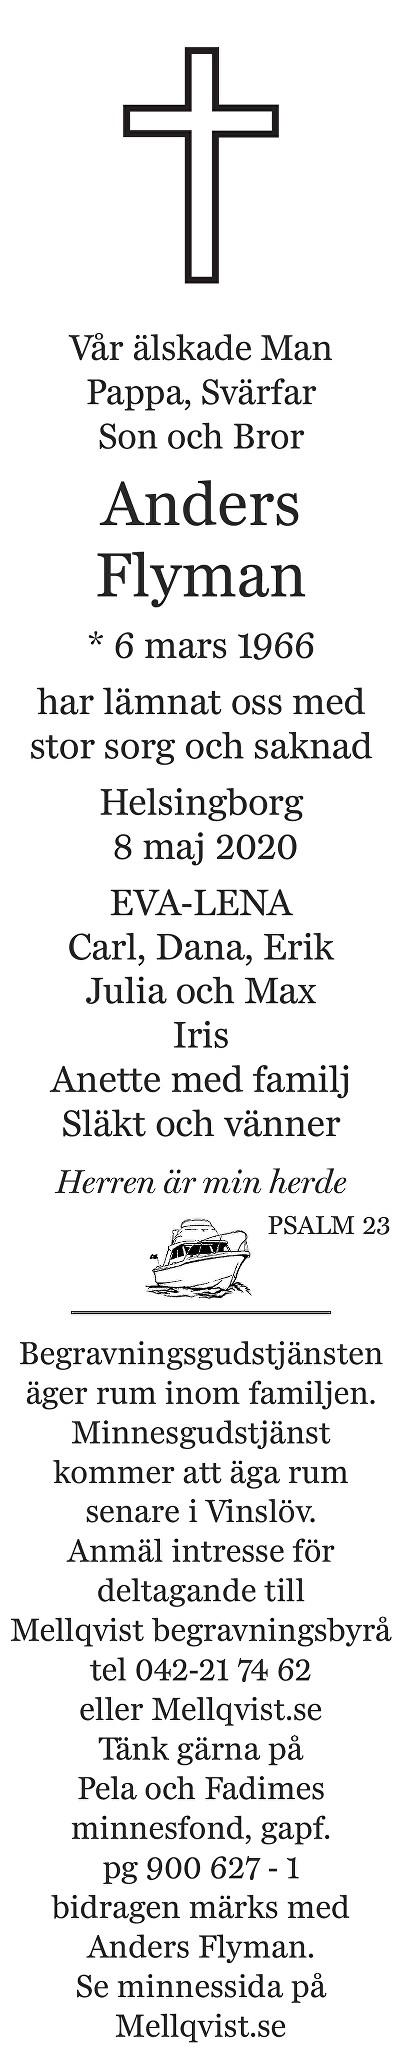 Anders Flyman Death notice